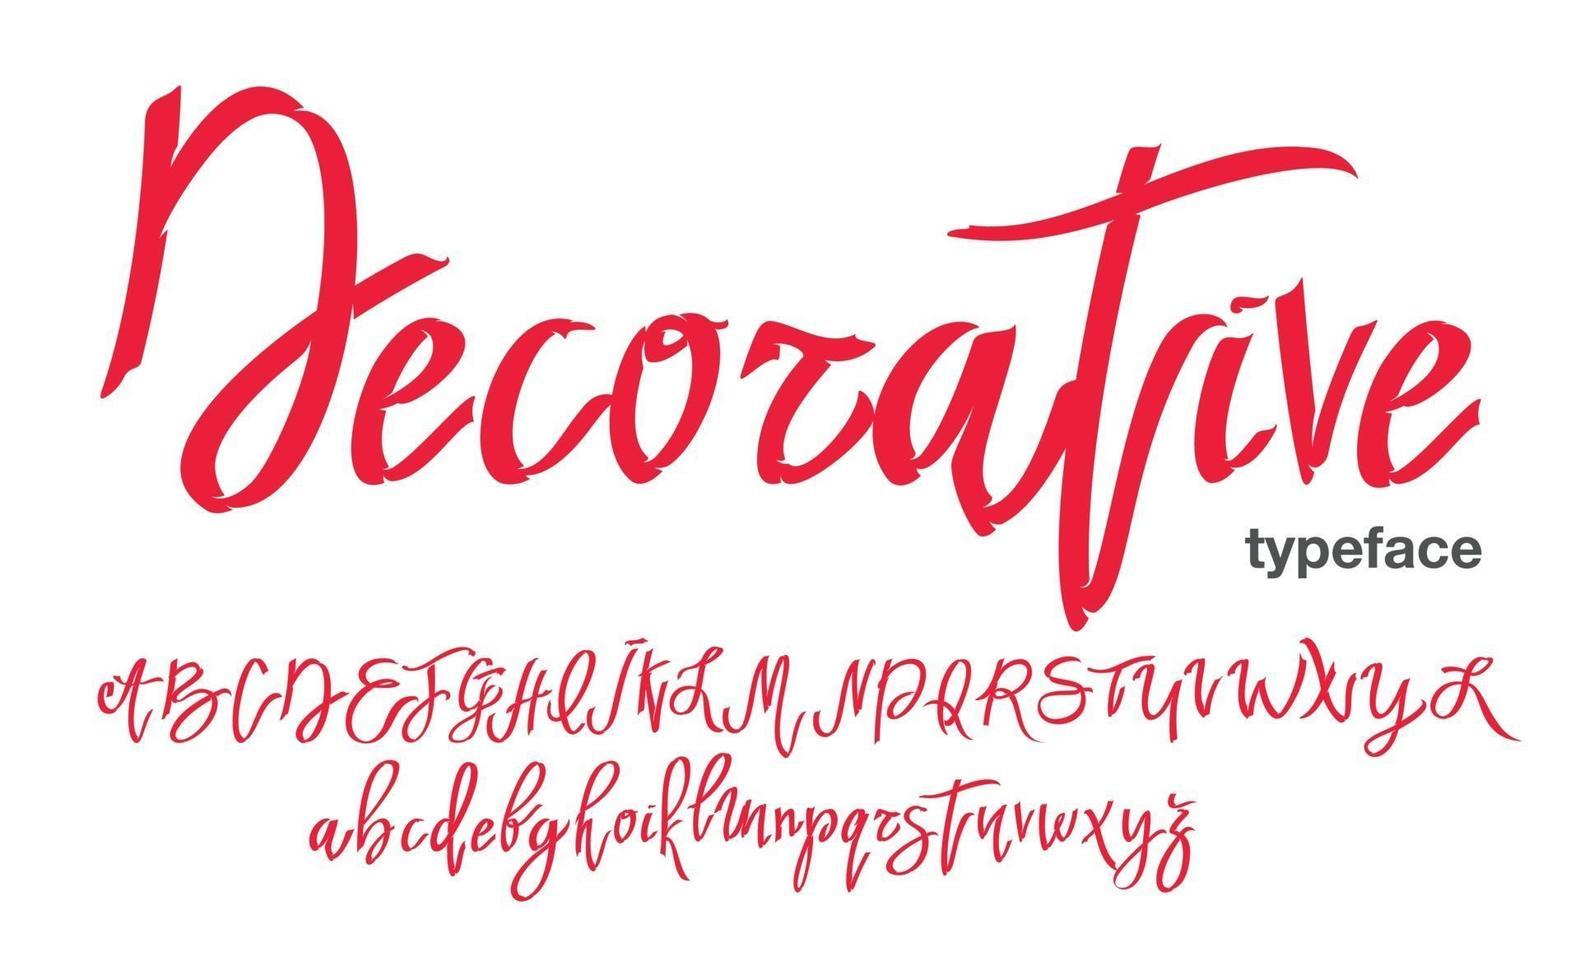 handgeschreven lettertype in graffiti-stijl. vector